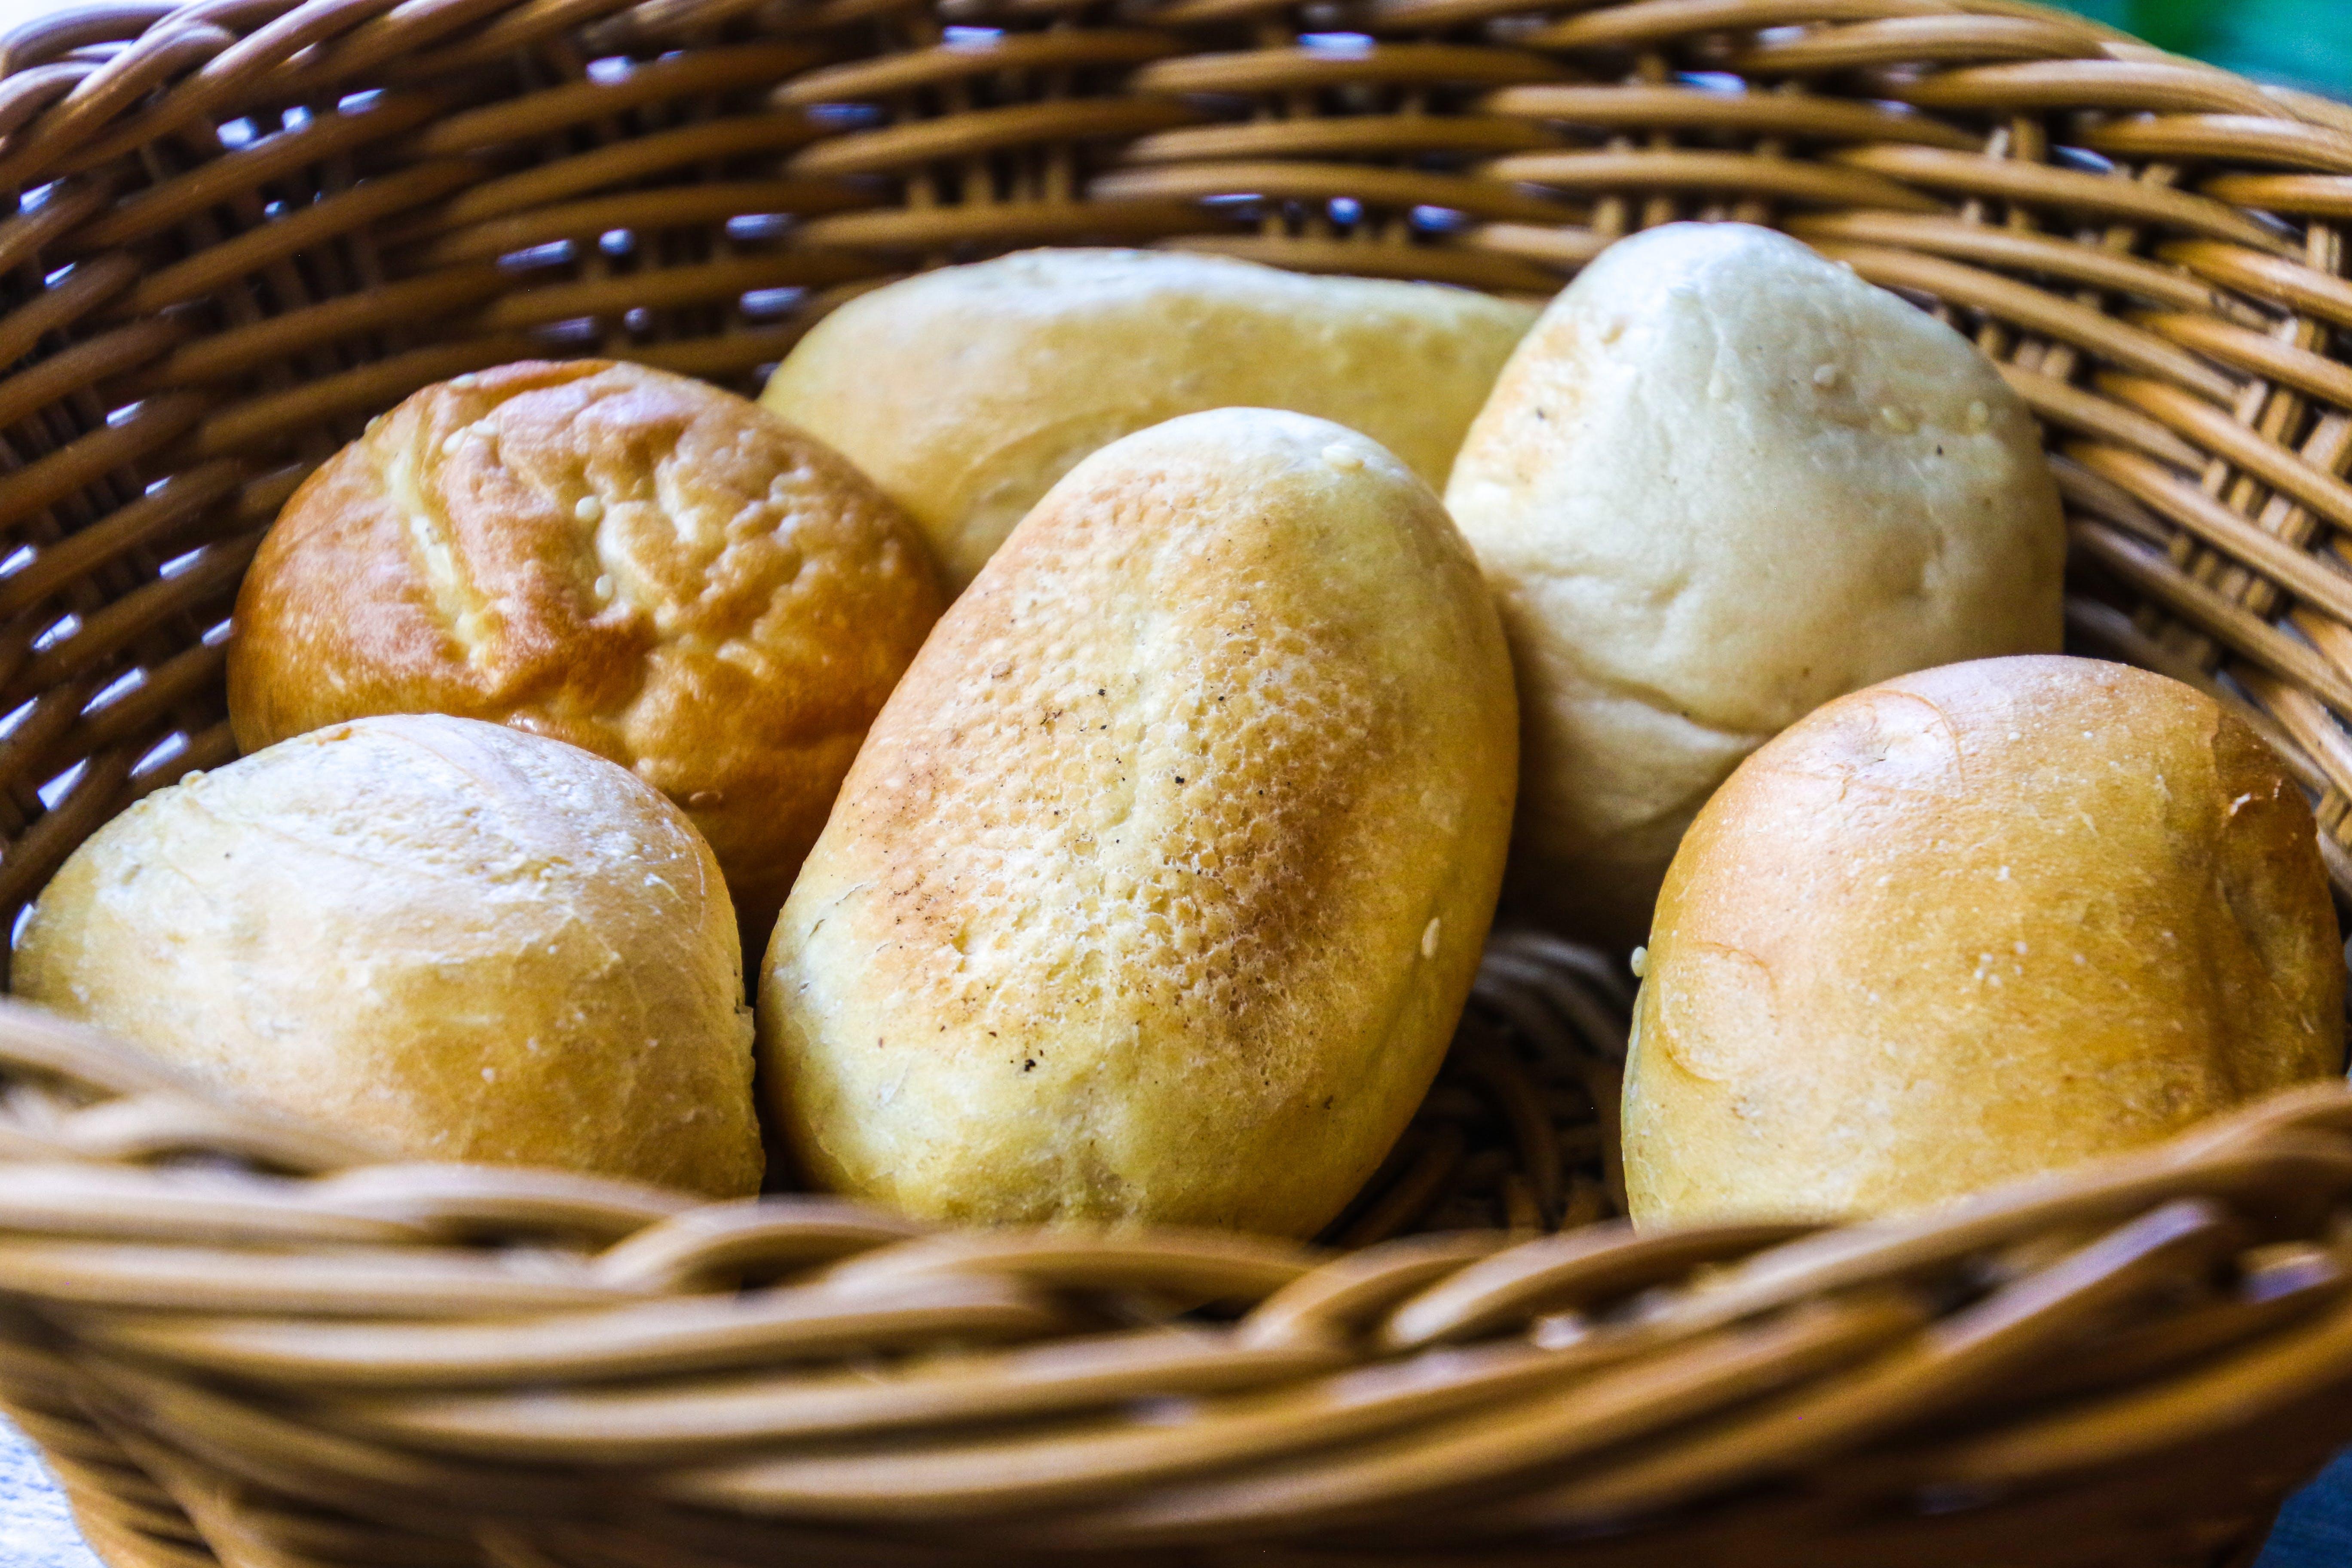 Bread In Brown Wicker Basket